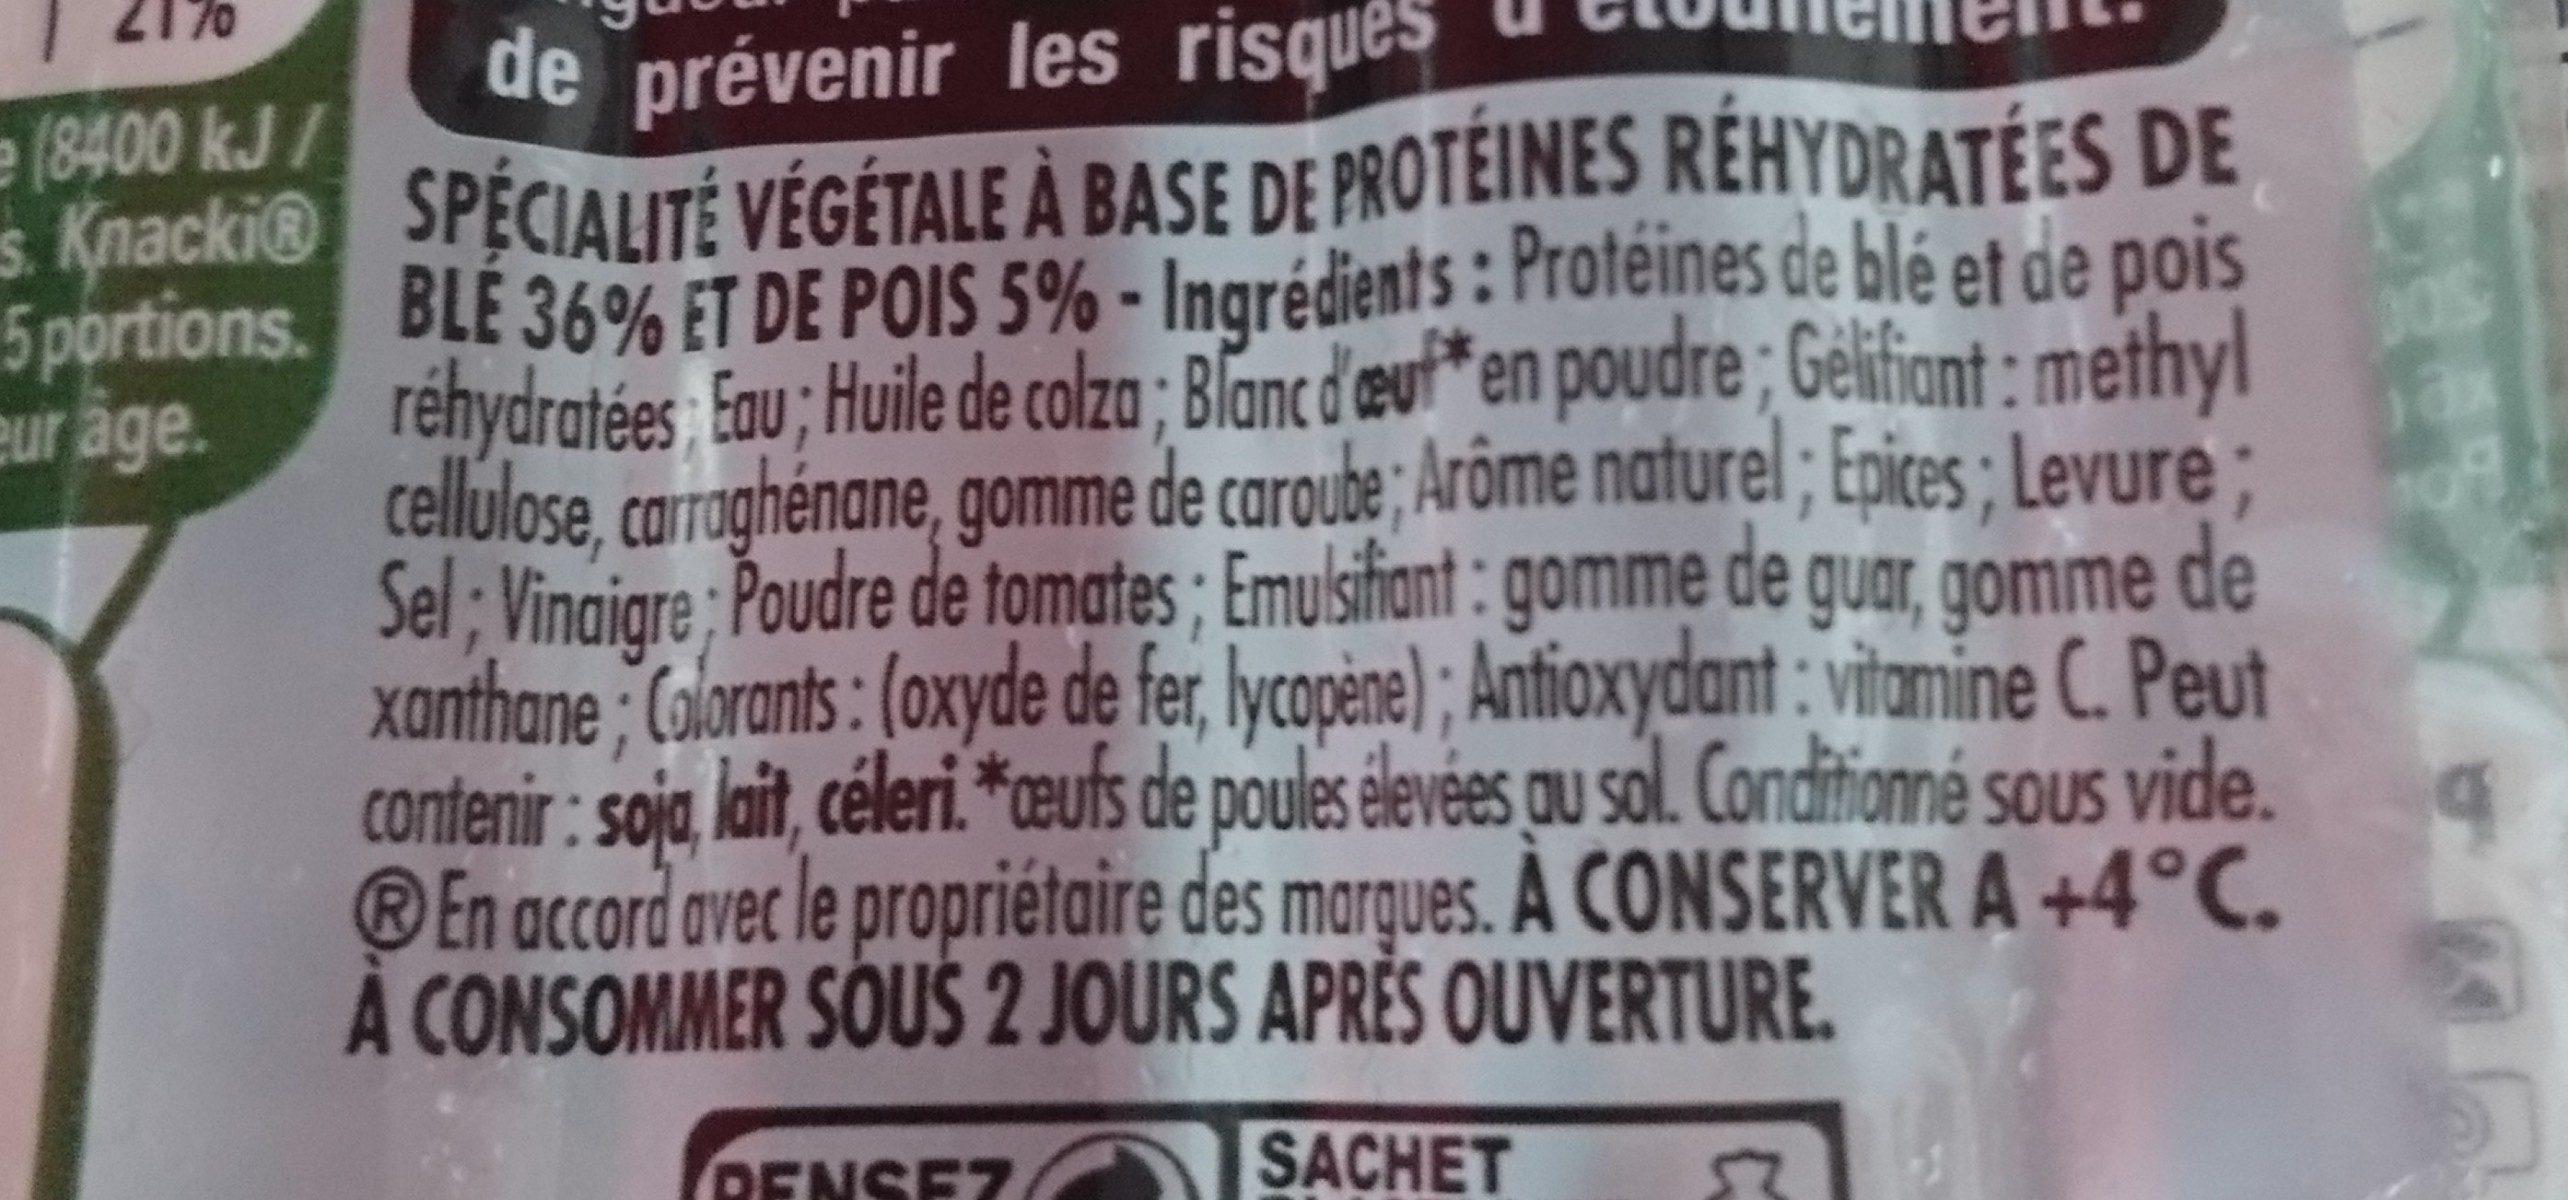 Knacki Végétale - Ingredients